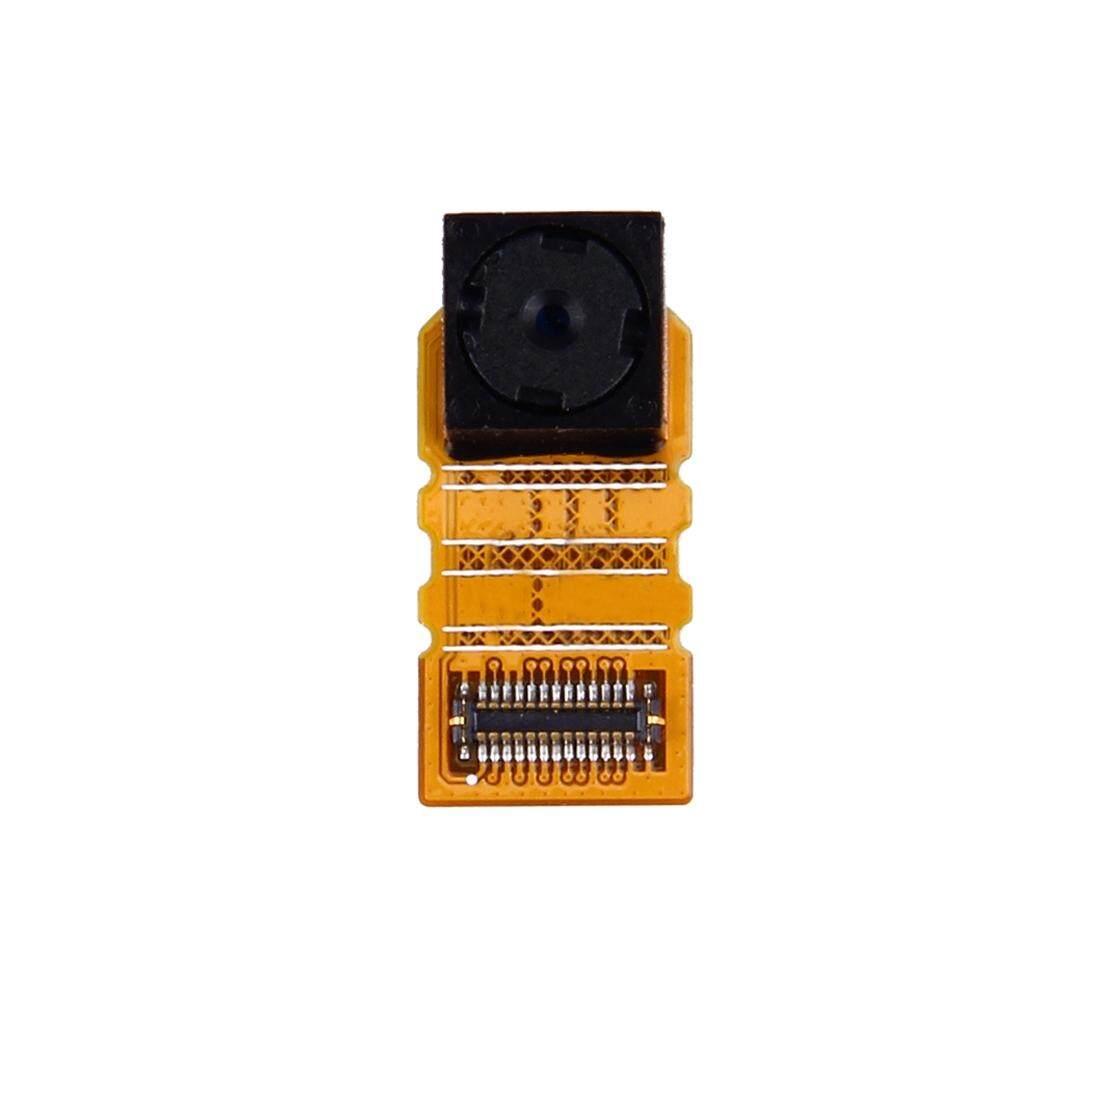 Saya Parts Beli untuk Sony Xperia Z5 Kompak Kamera Menghadap Ke Depan-Intl